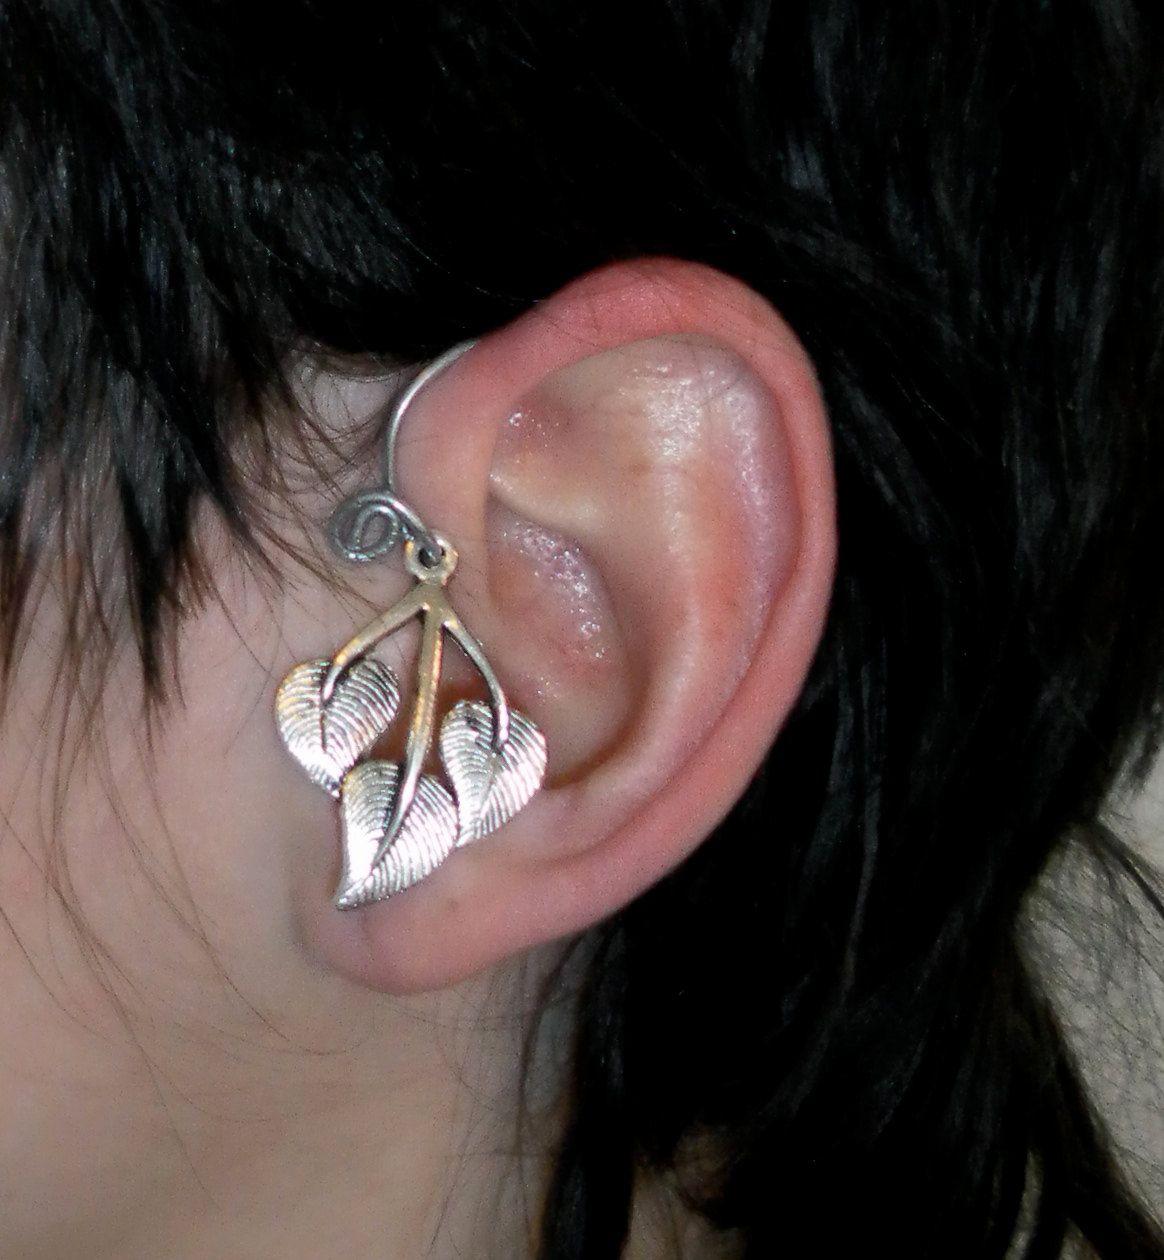 Leaf elven elf ear cuff wrap 750 via etsy jewelry i heart leaf elven elf ear cuff wrap 750 via etsy baditri Choice Image